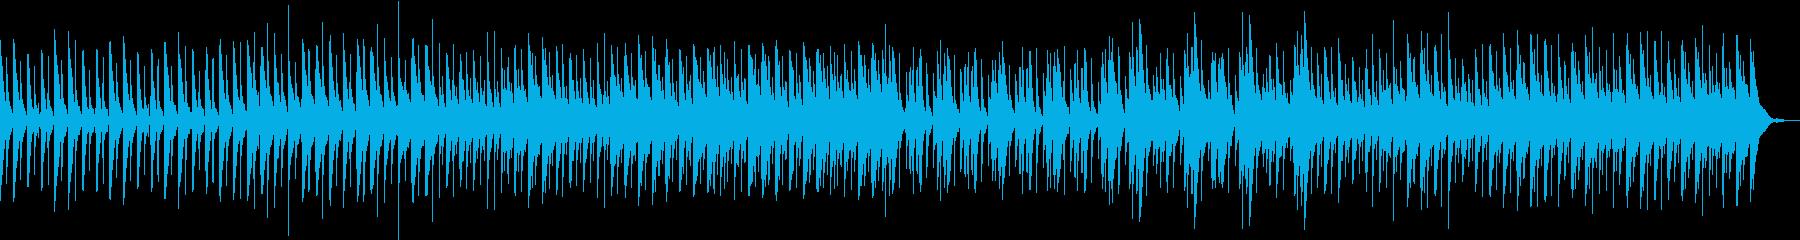 勉強 暗記 学習 試験 まったり アコギの再生済みの波形